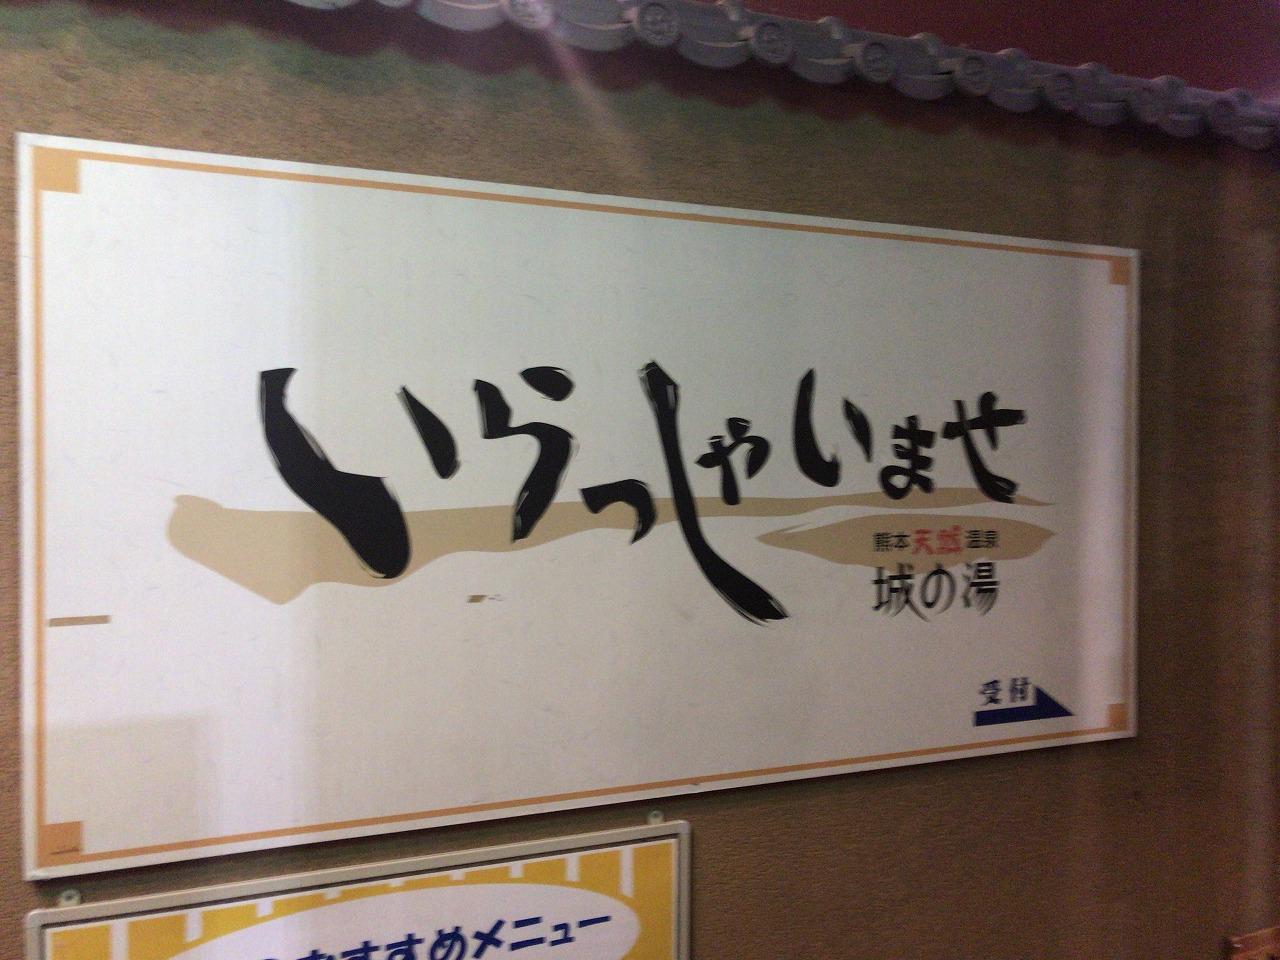 熊本城温泉城の湯の看板